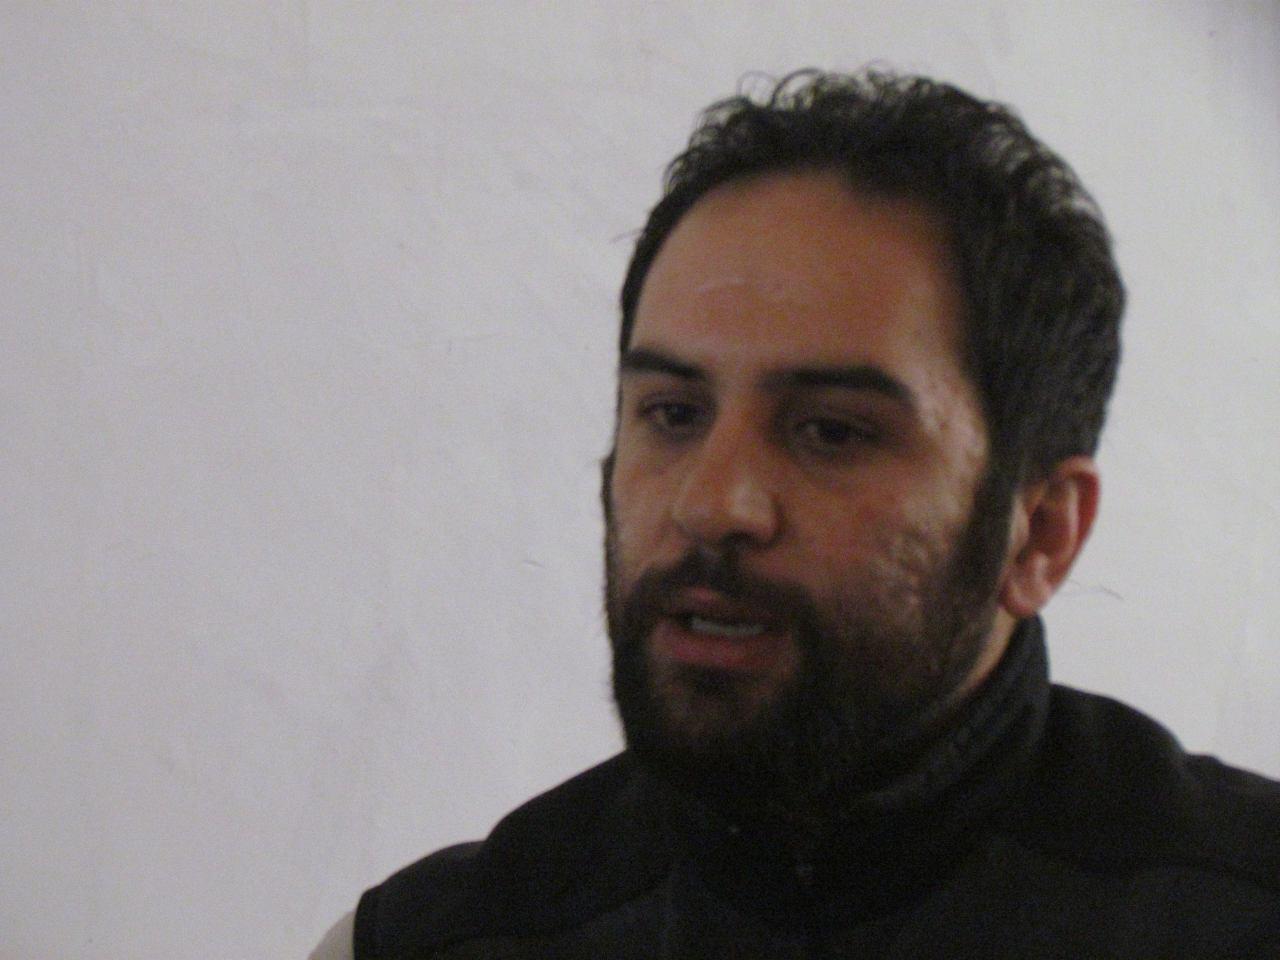 علی گندابی به نجف میرود / داستان زندگی یک لوطی همدانی